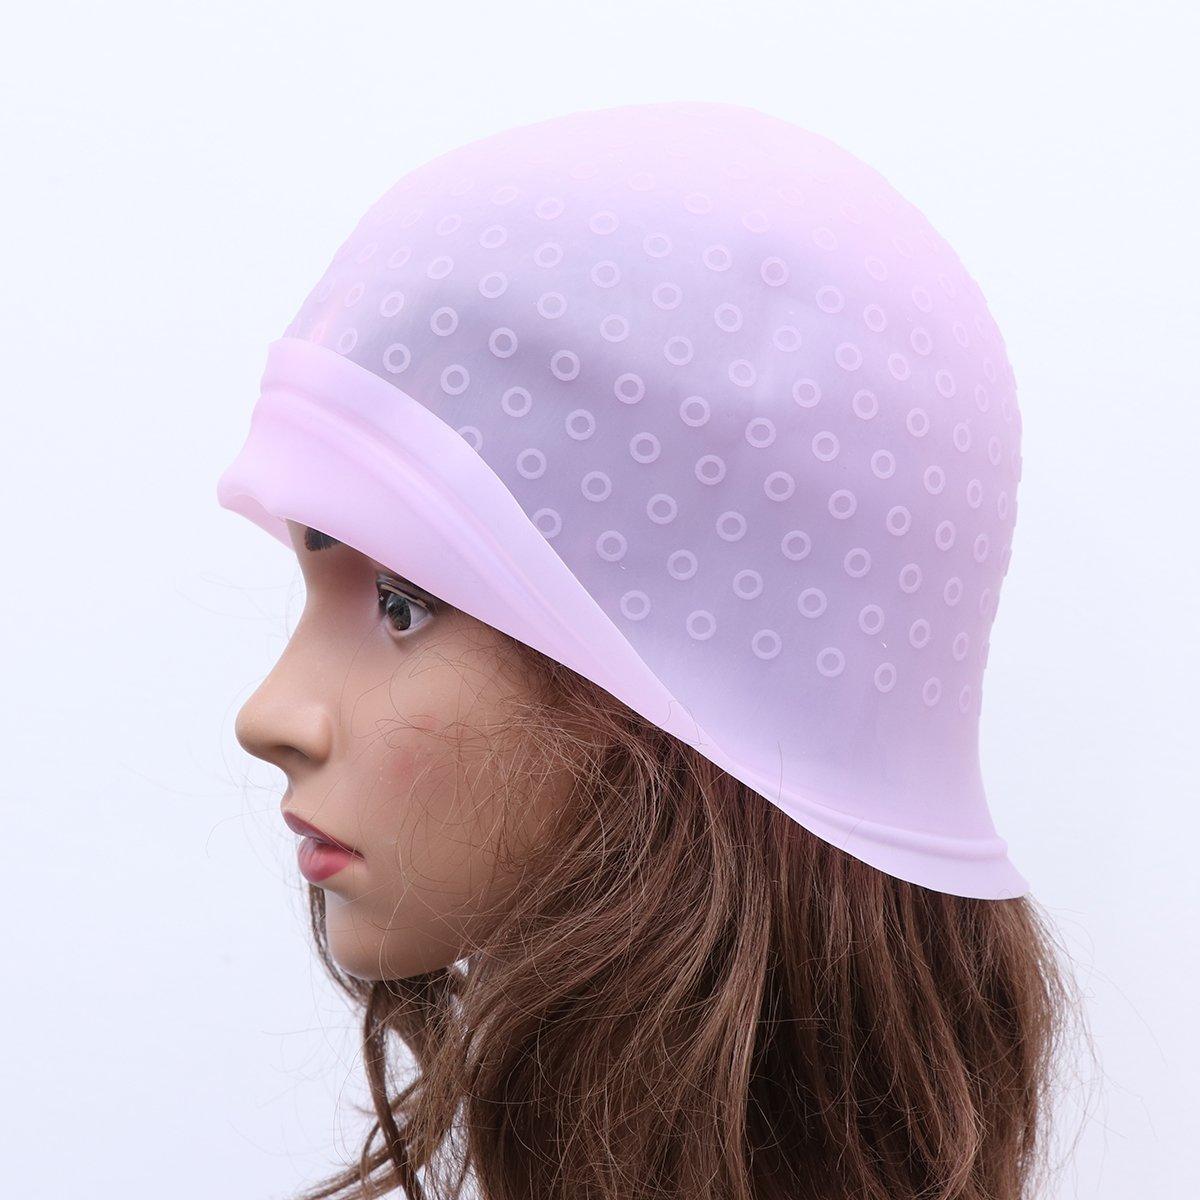 SUPVOX Silikonkappe f/ür Salonf/ärbemittel mit Haken Haarsalon-Farbtonmarkierungsset Zuckerguss Kippen F/ärben von Farbwerkzeugen Pink